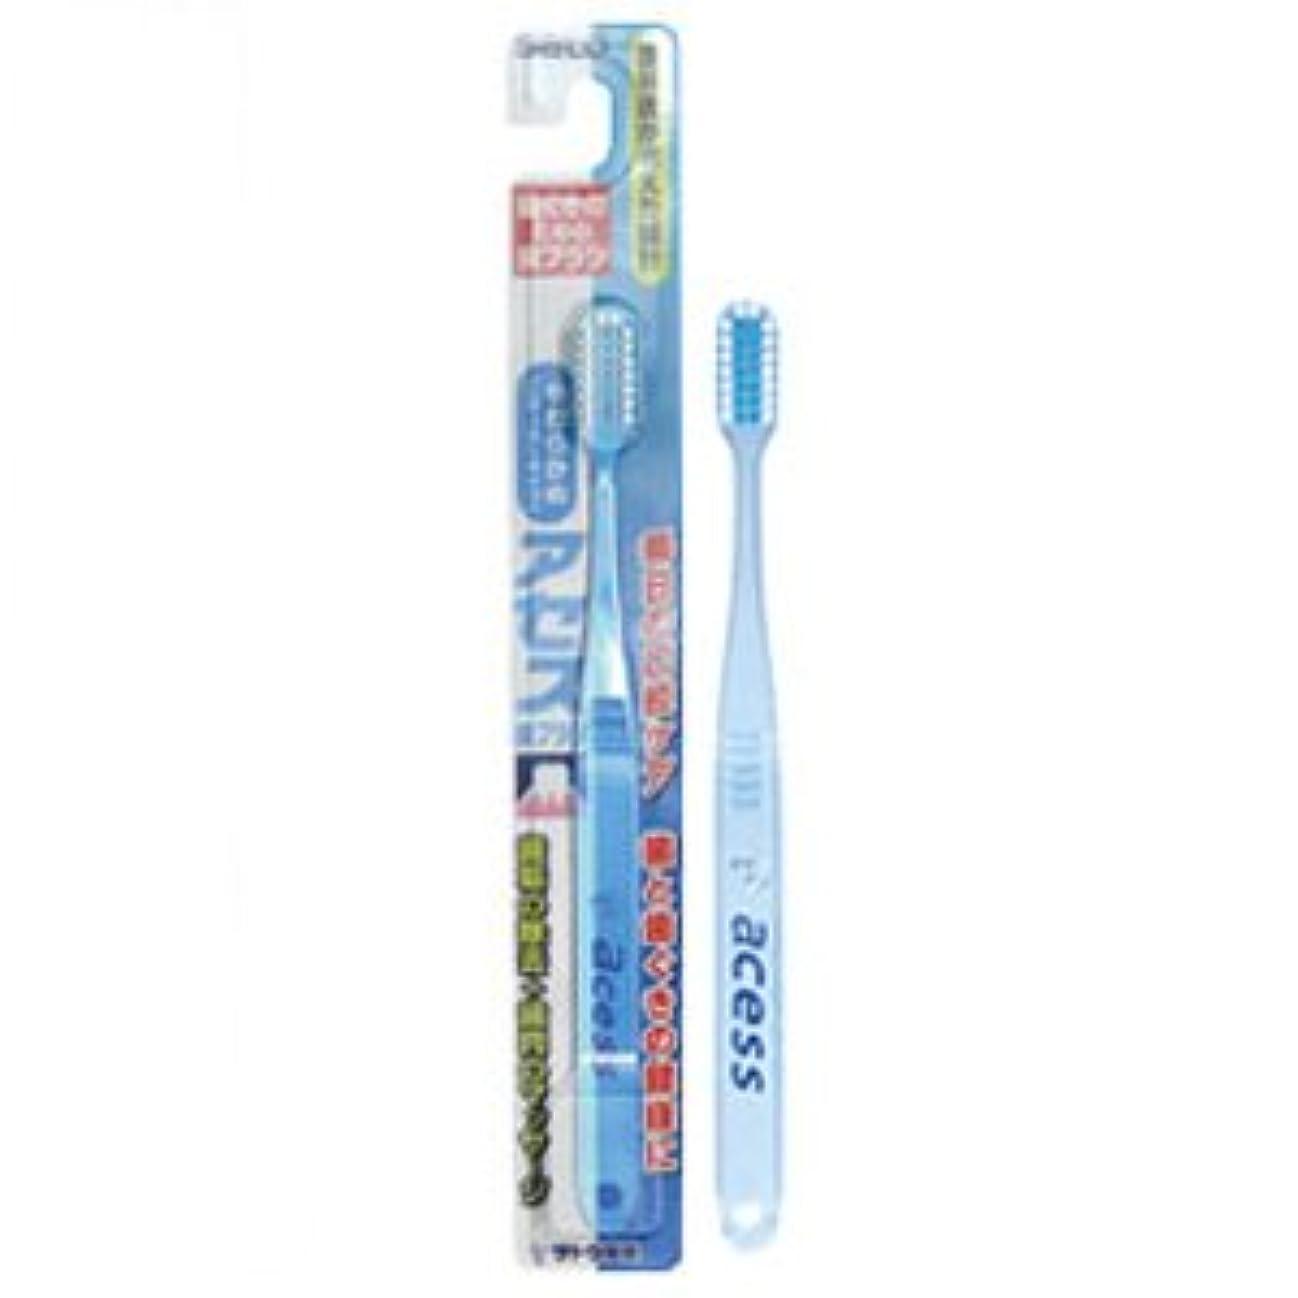 の間で追い越す対角線アセス歯ブラシ やわらかめ(レギュラータイプ) ブルー 12本